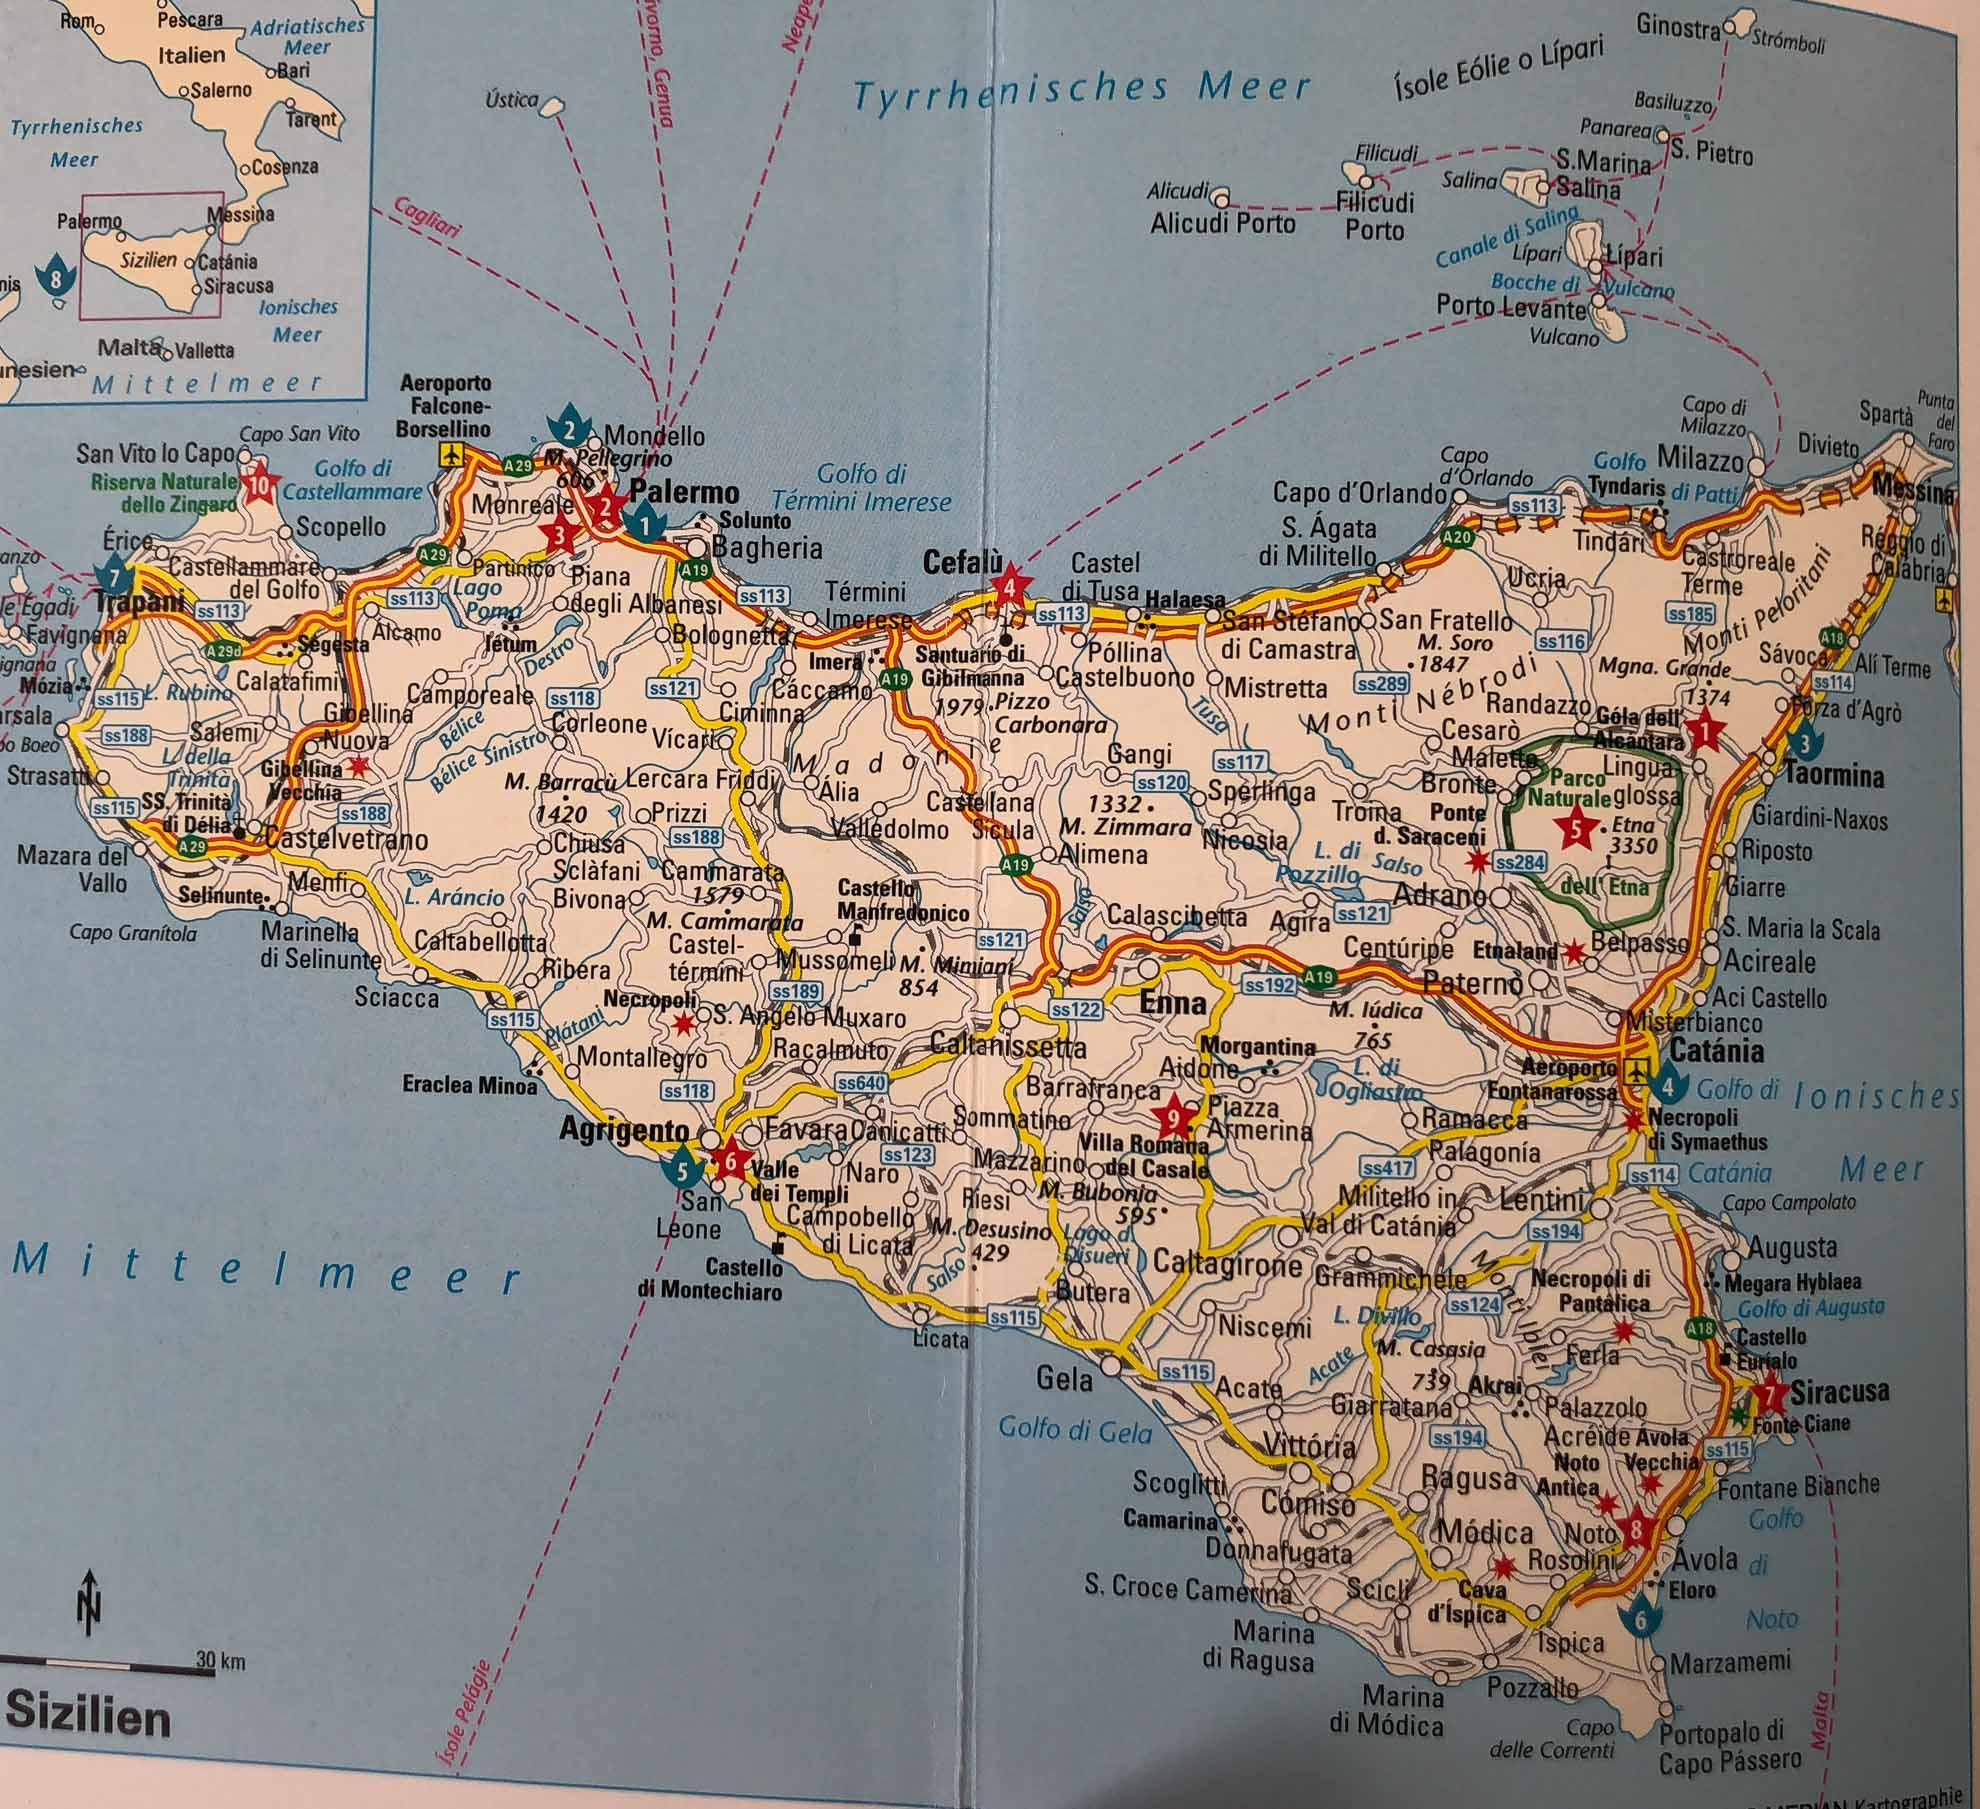 Unser aktuelles Revier – Sizilien und die Liparischen Inseln im Tyrrhenischen Meer.